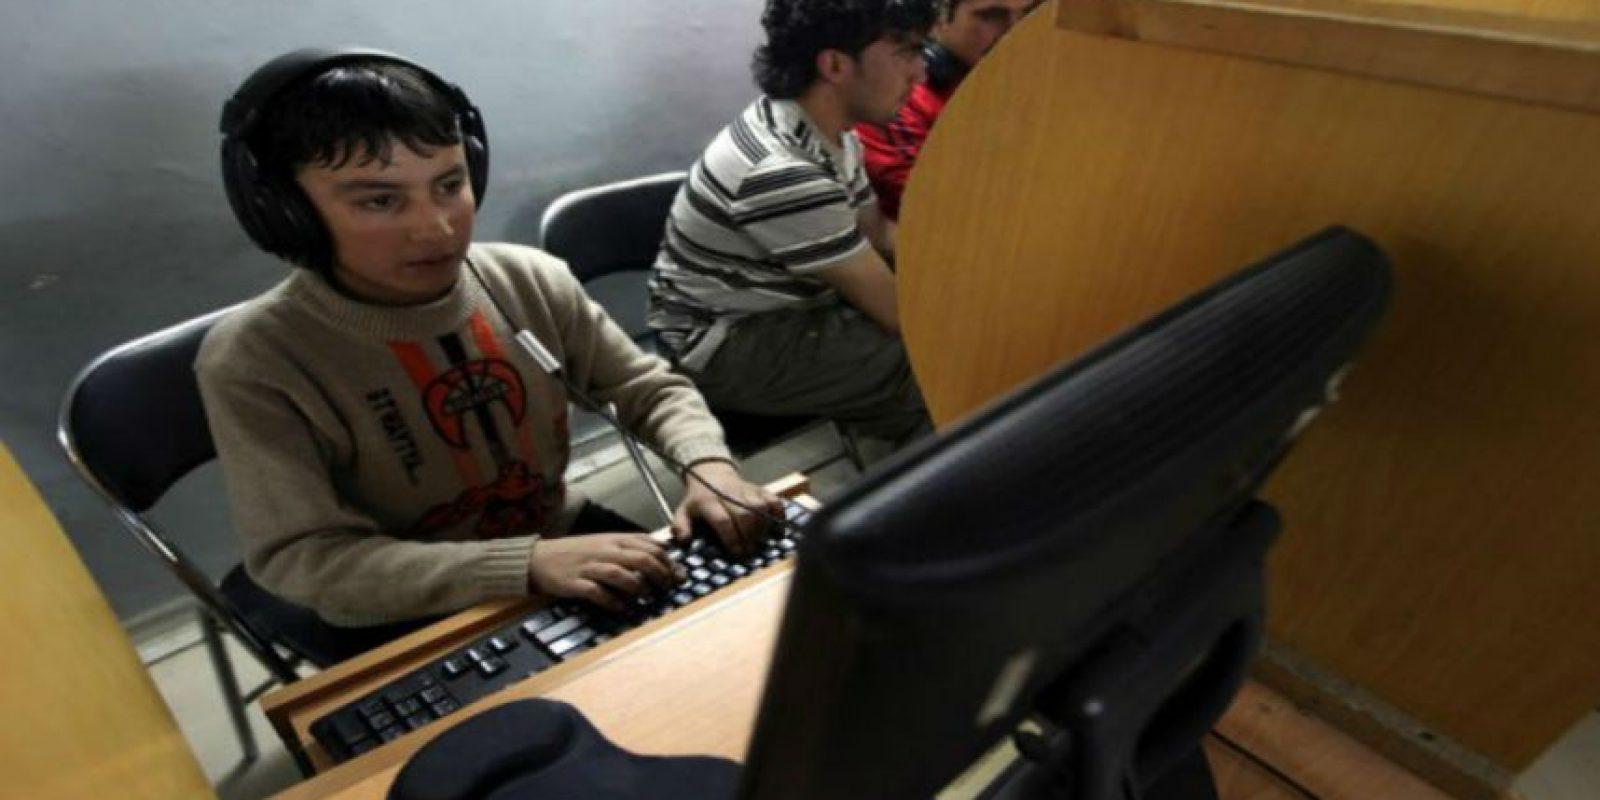 Dejar que los niños usen Internet por su cuenta es más peligroso de lo que creemos Foto:Getty Images